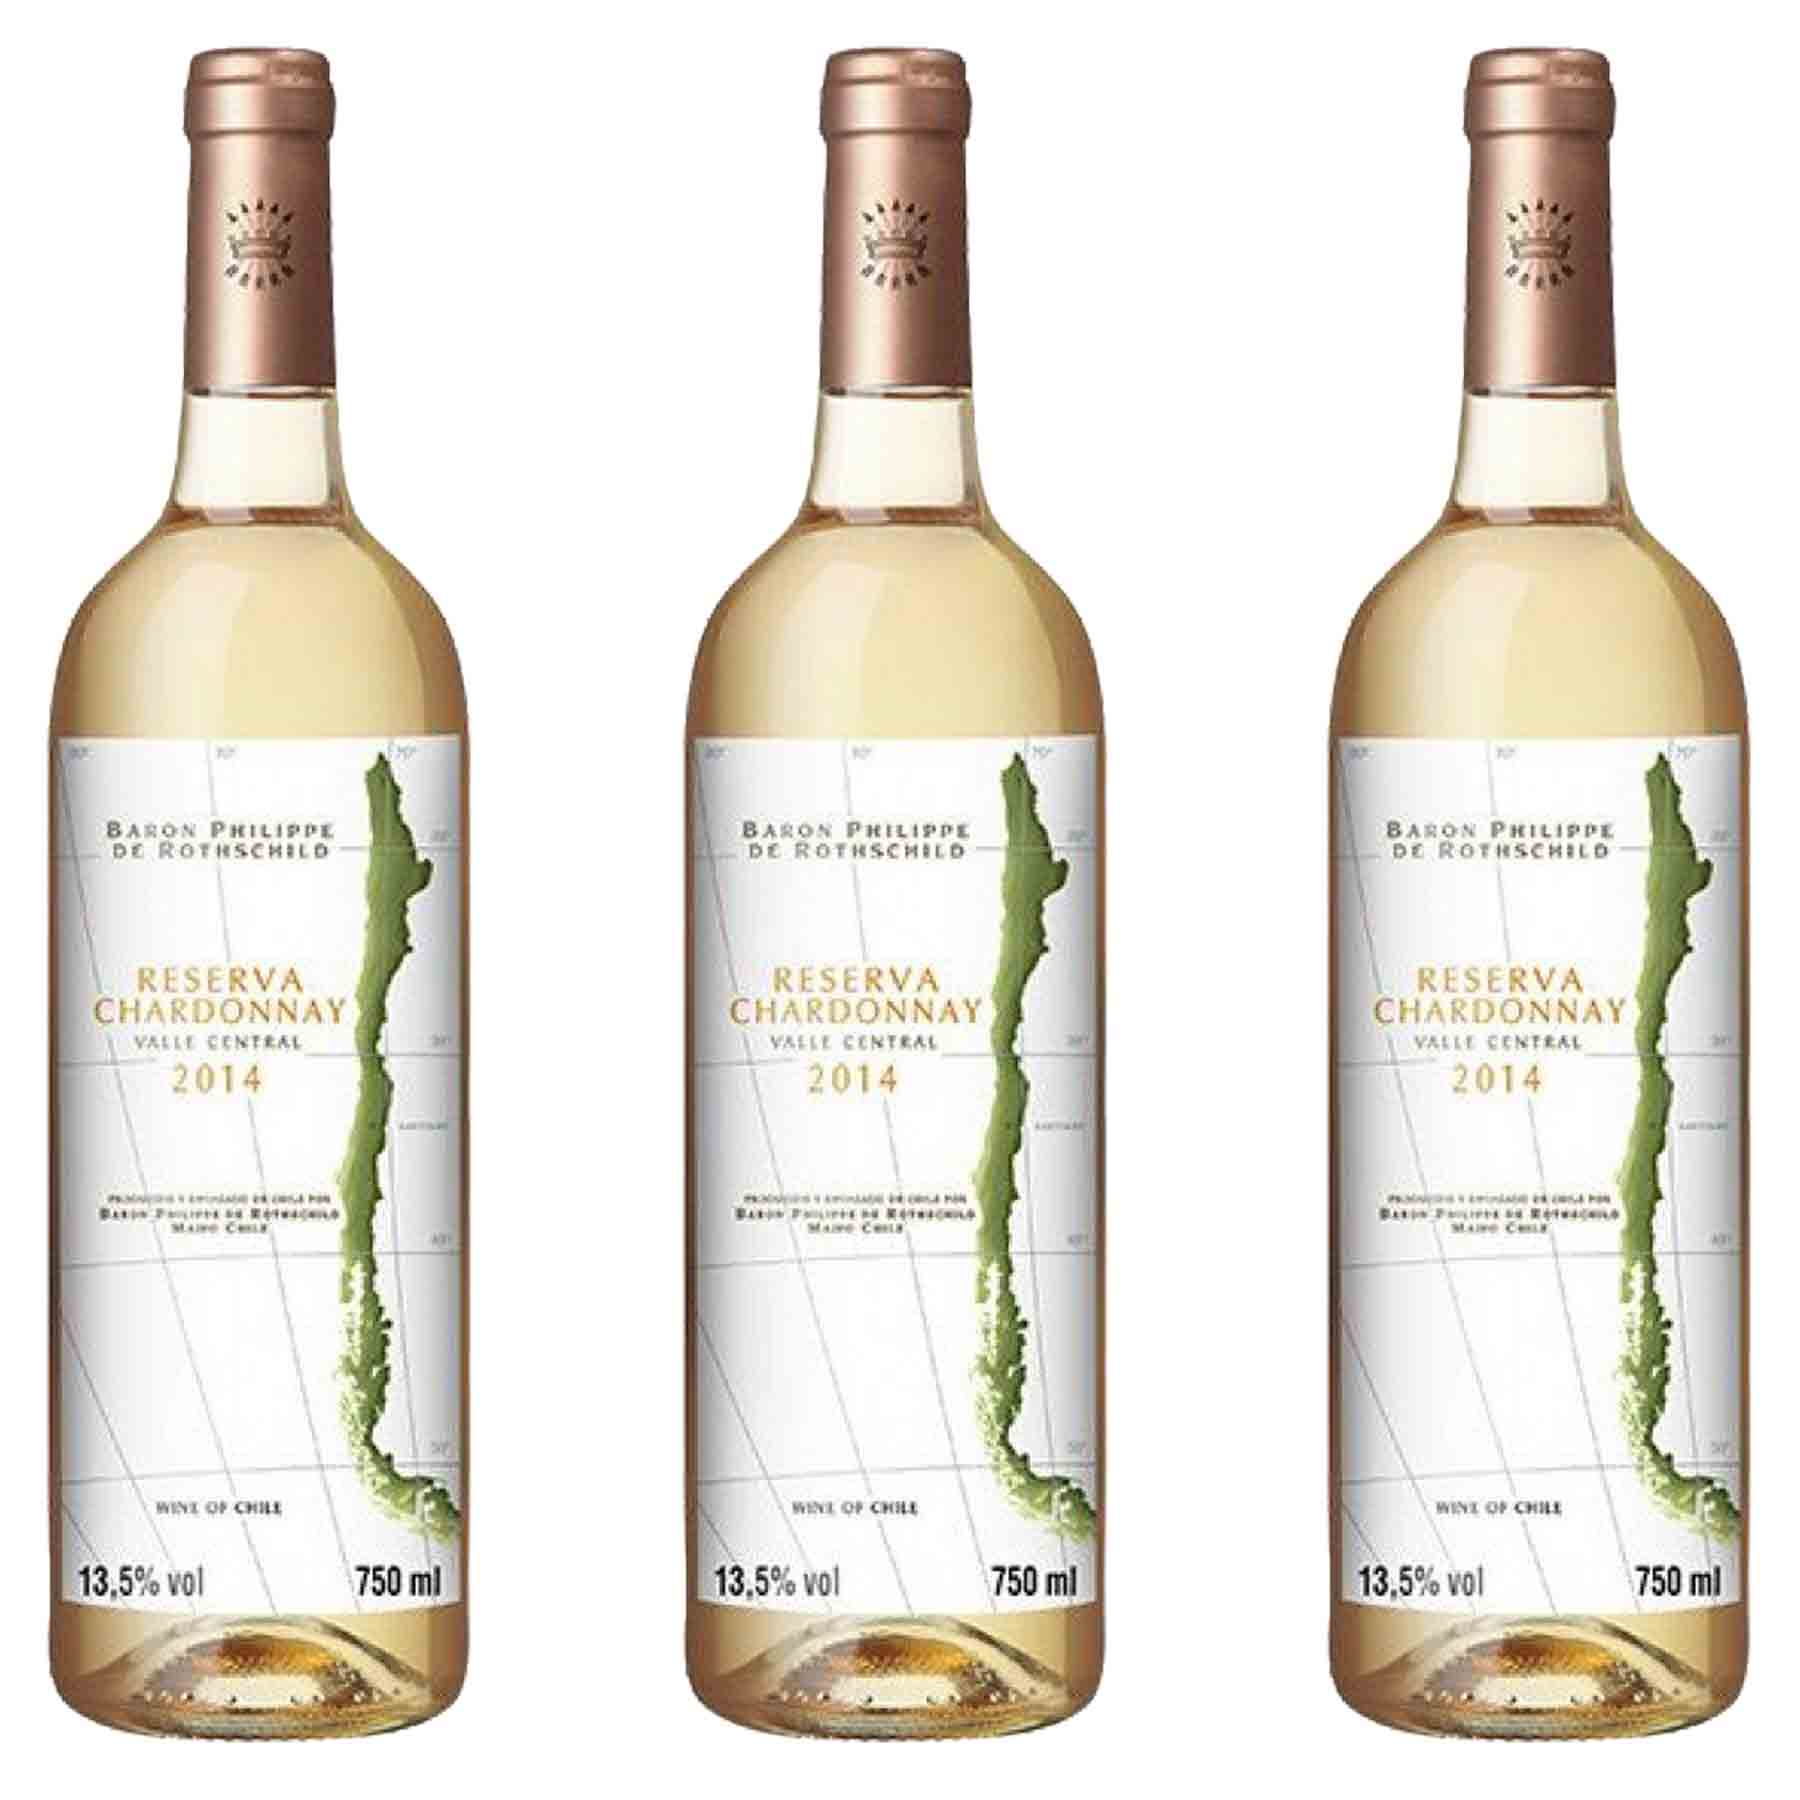 Kit 3x Vinho Branco Chileno Baron Philippe de Rothschild Reserv Chardonnay 2018 750ml